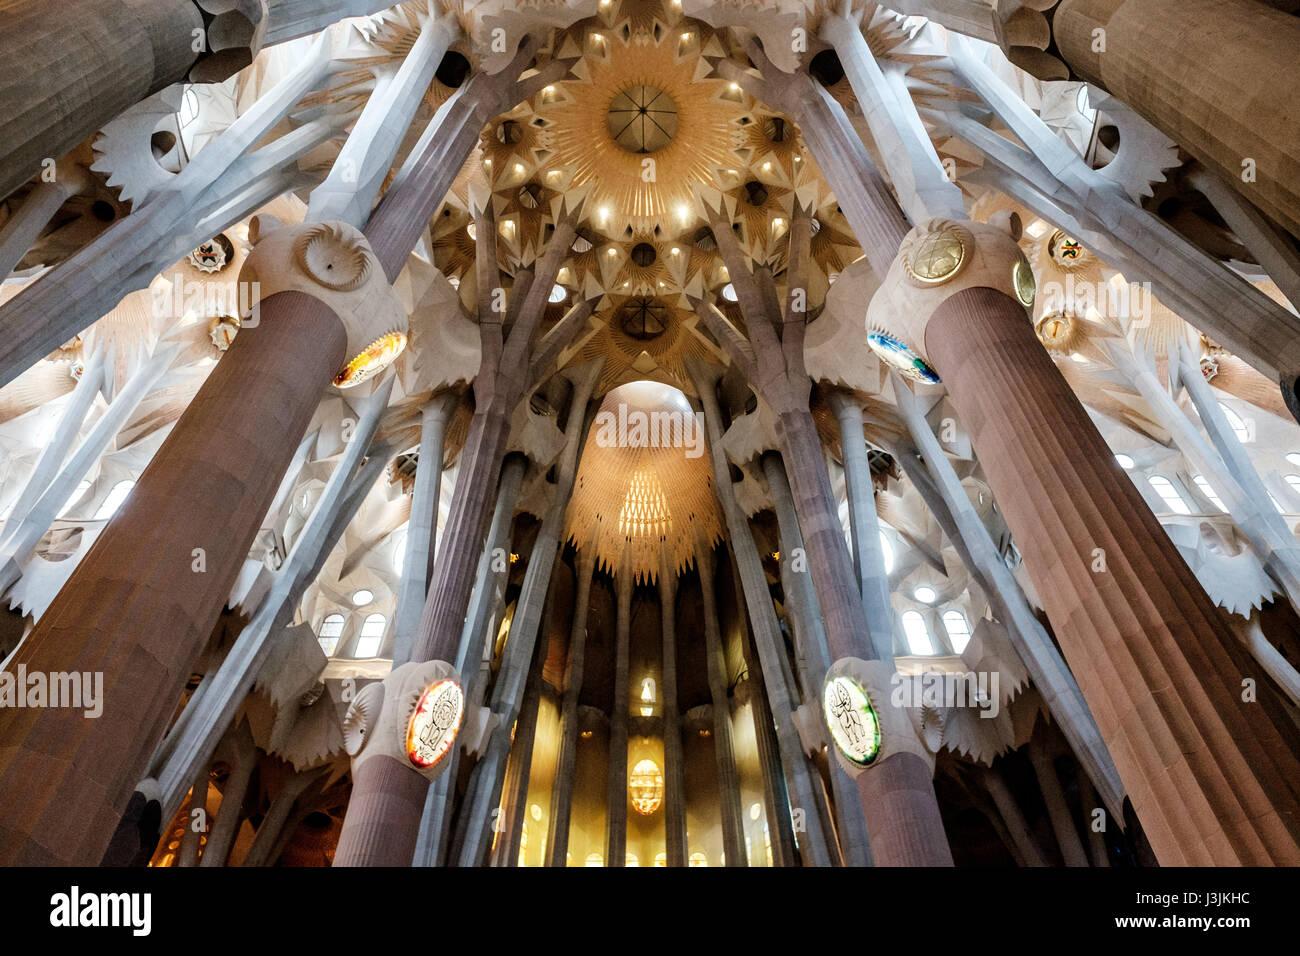 À l'intérieur de la Sagrada Familia de Barcelone, Espagne. Dieu et l'apex de l'intérieur. Photo Stock